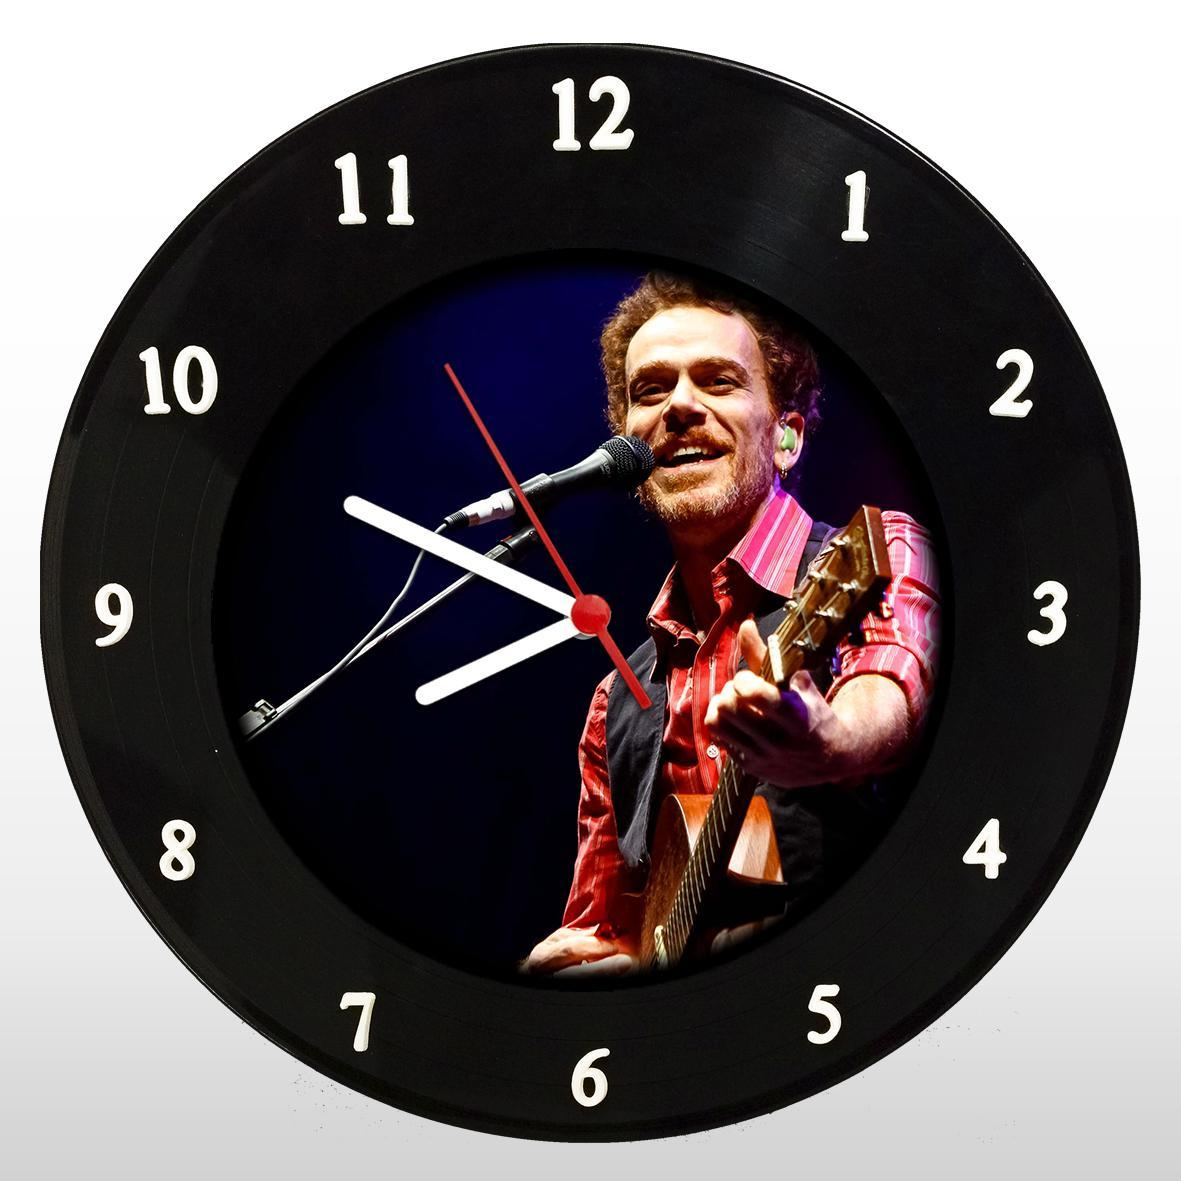 Nando Reis - Relógio de Parede em Disco de Vinil - Mr. Rock